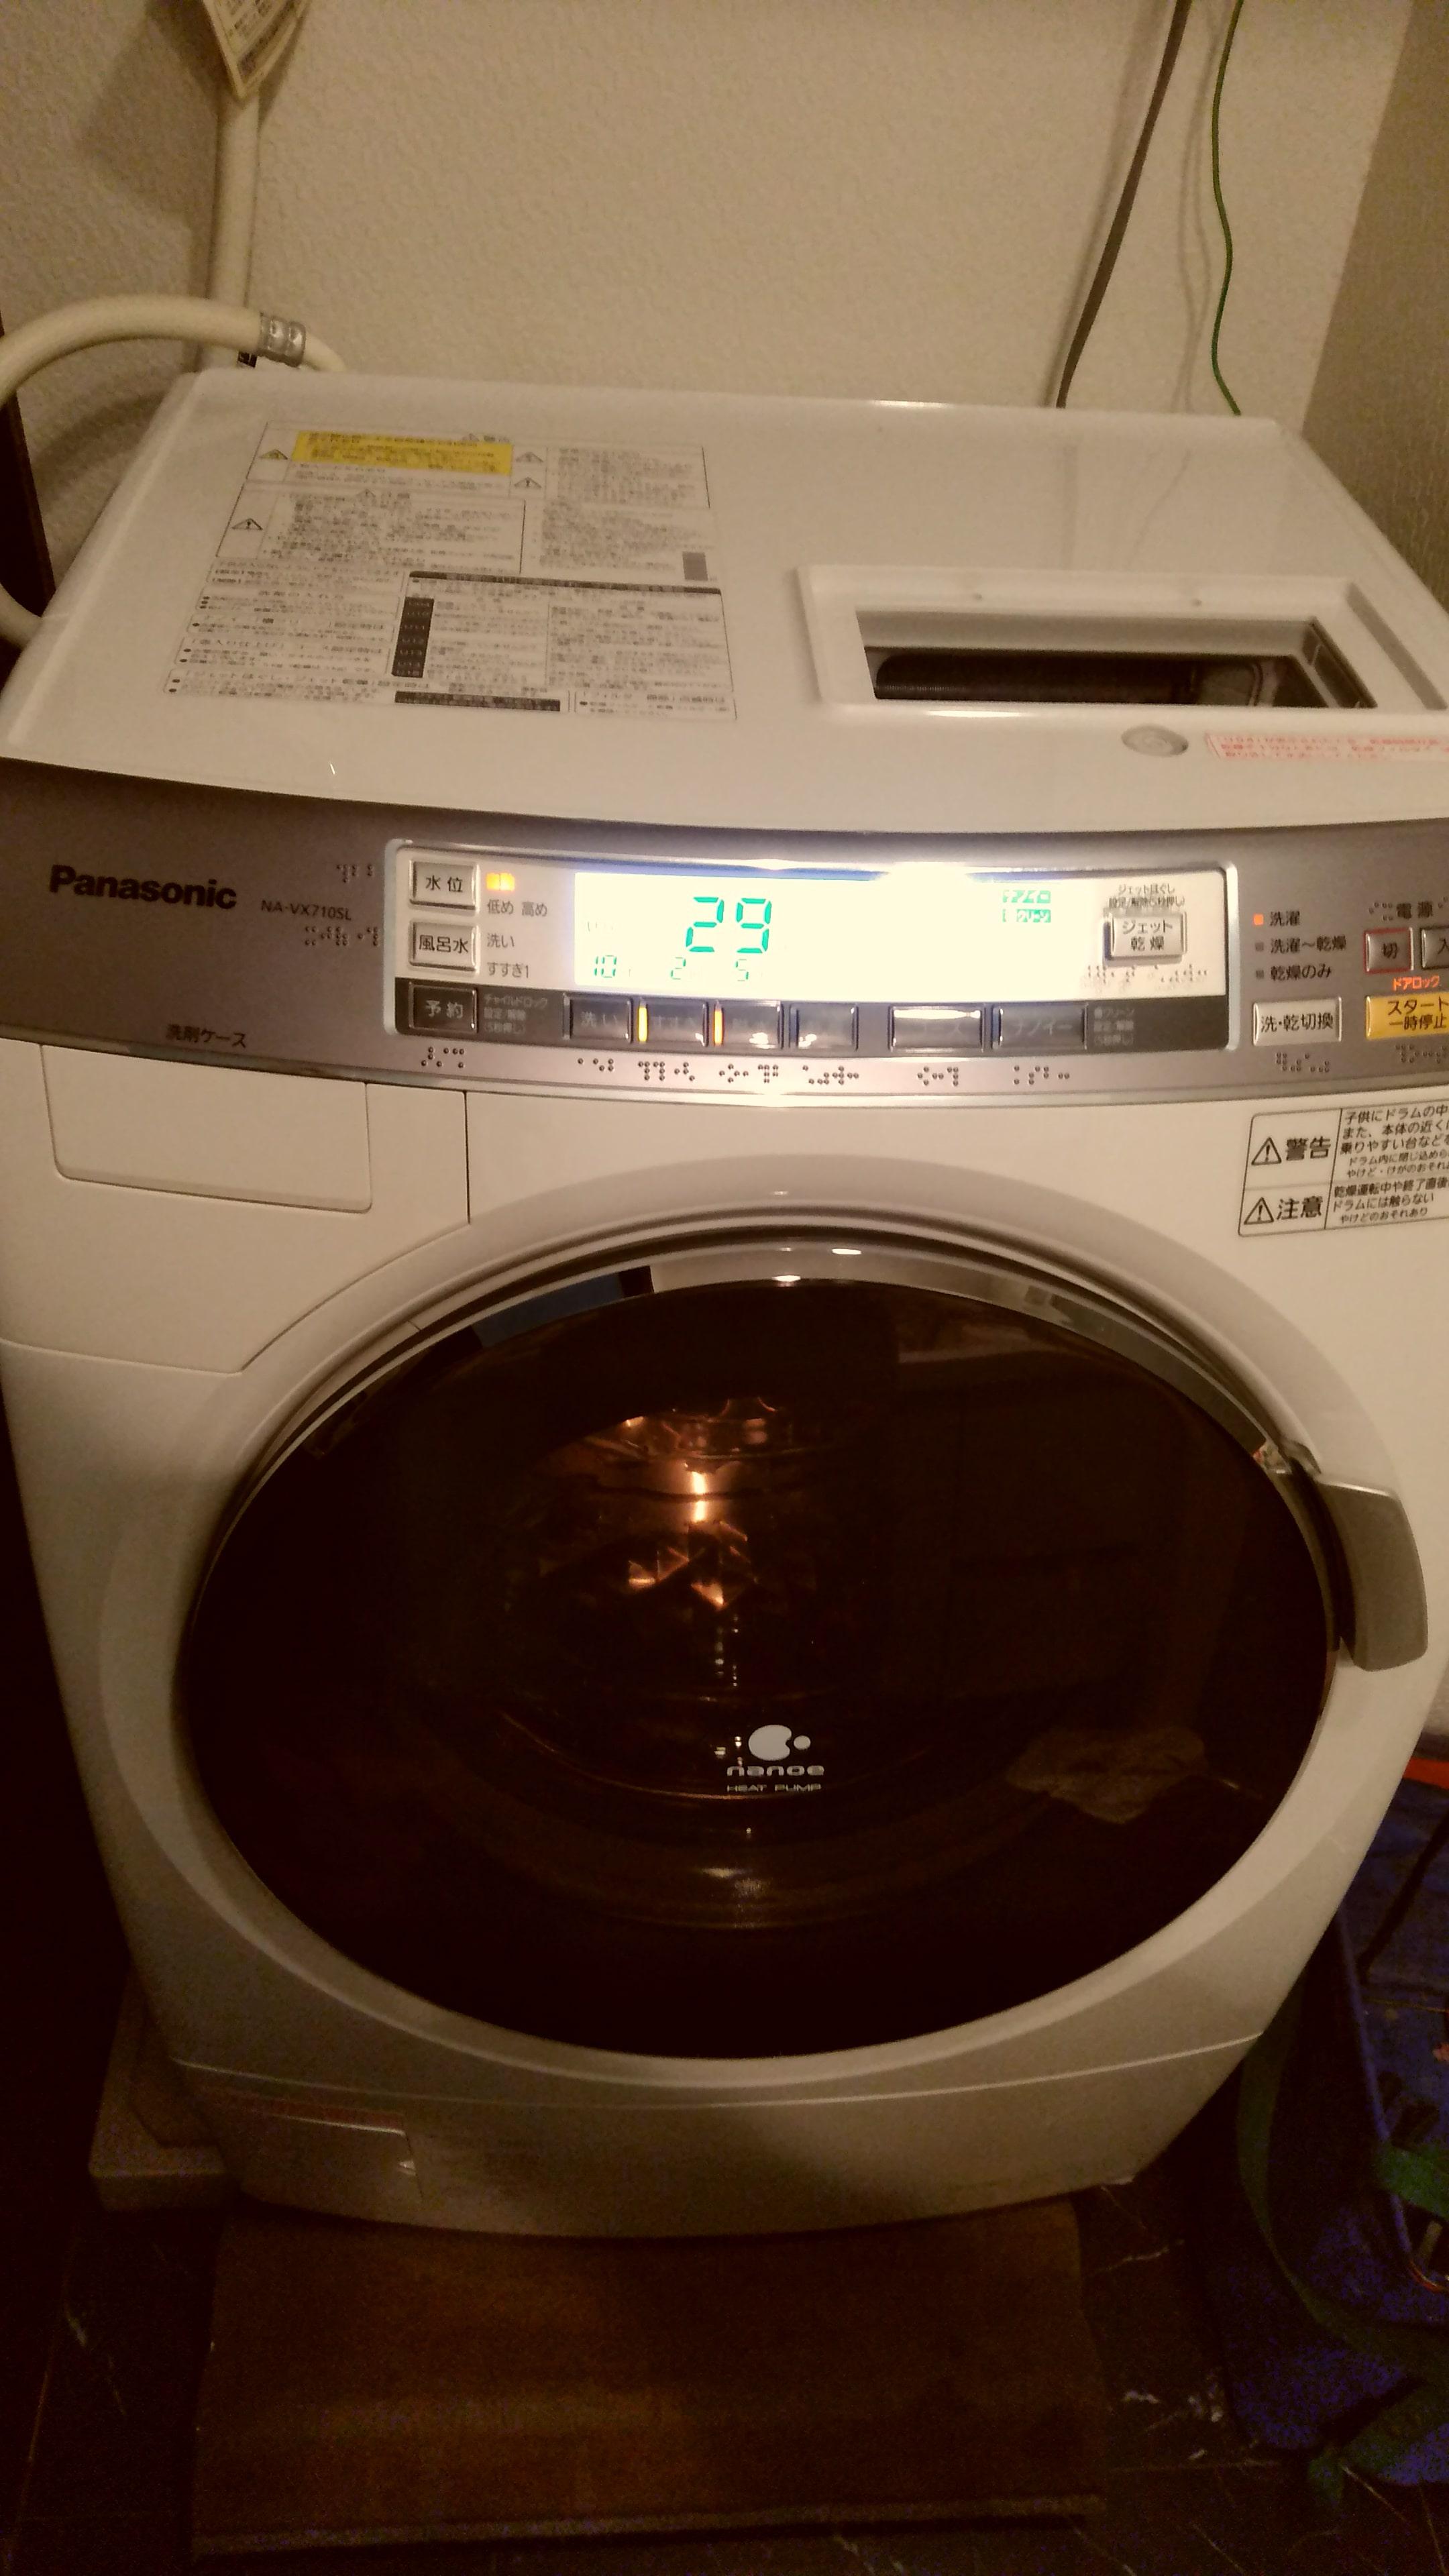 パナソニックドラム式洗濯乾燥機乾燥不良